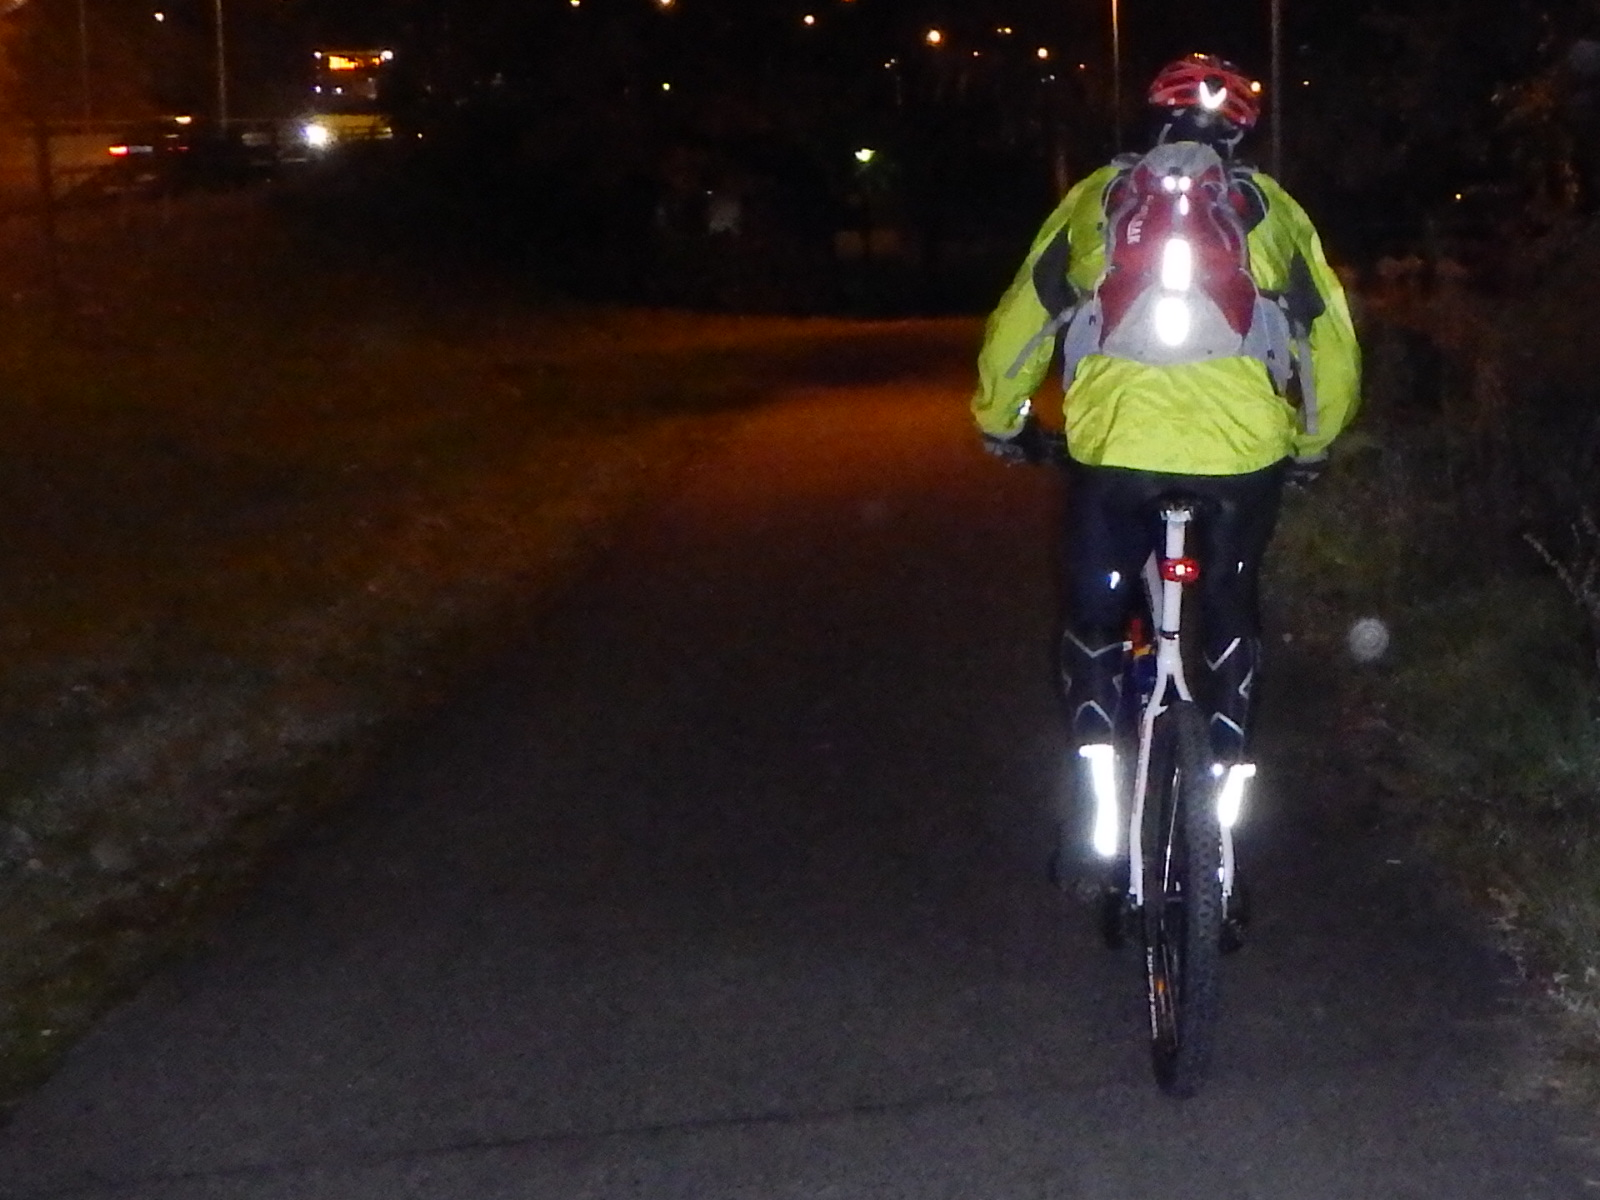 Sykle til jobben - tips til vintersykling - Lev Godt